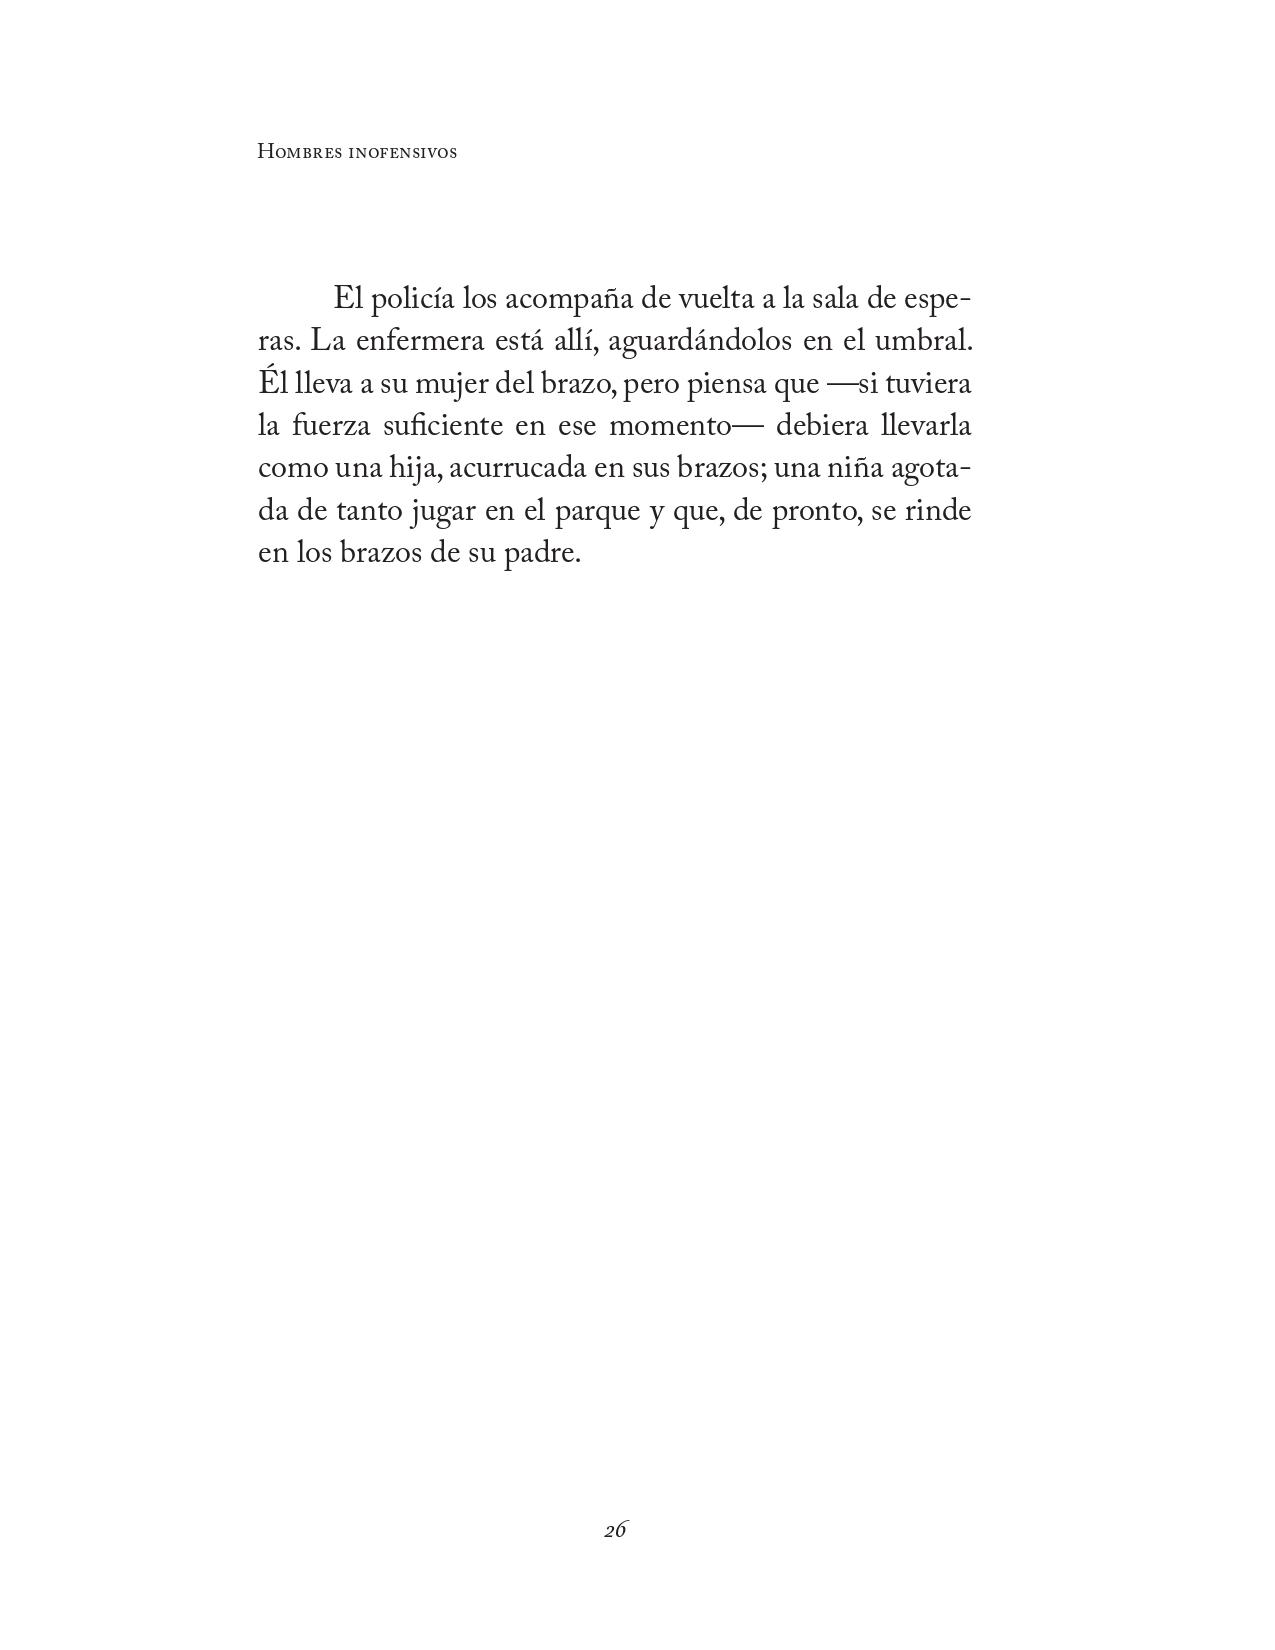 Adelanto_Hombres_Inofensivos_Patricio_Tapia_page-0023.jpg